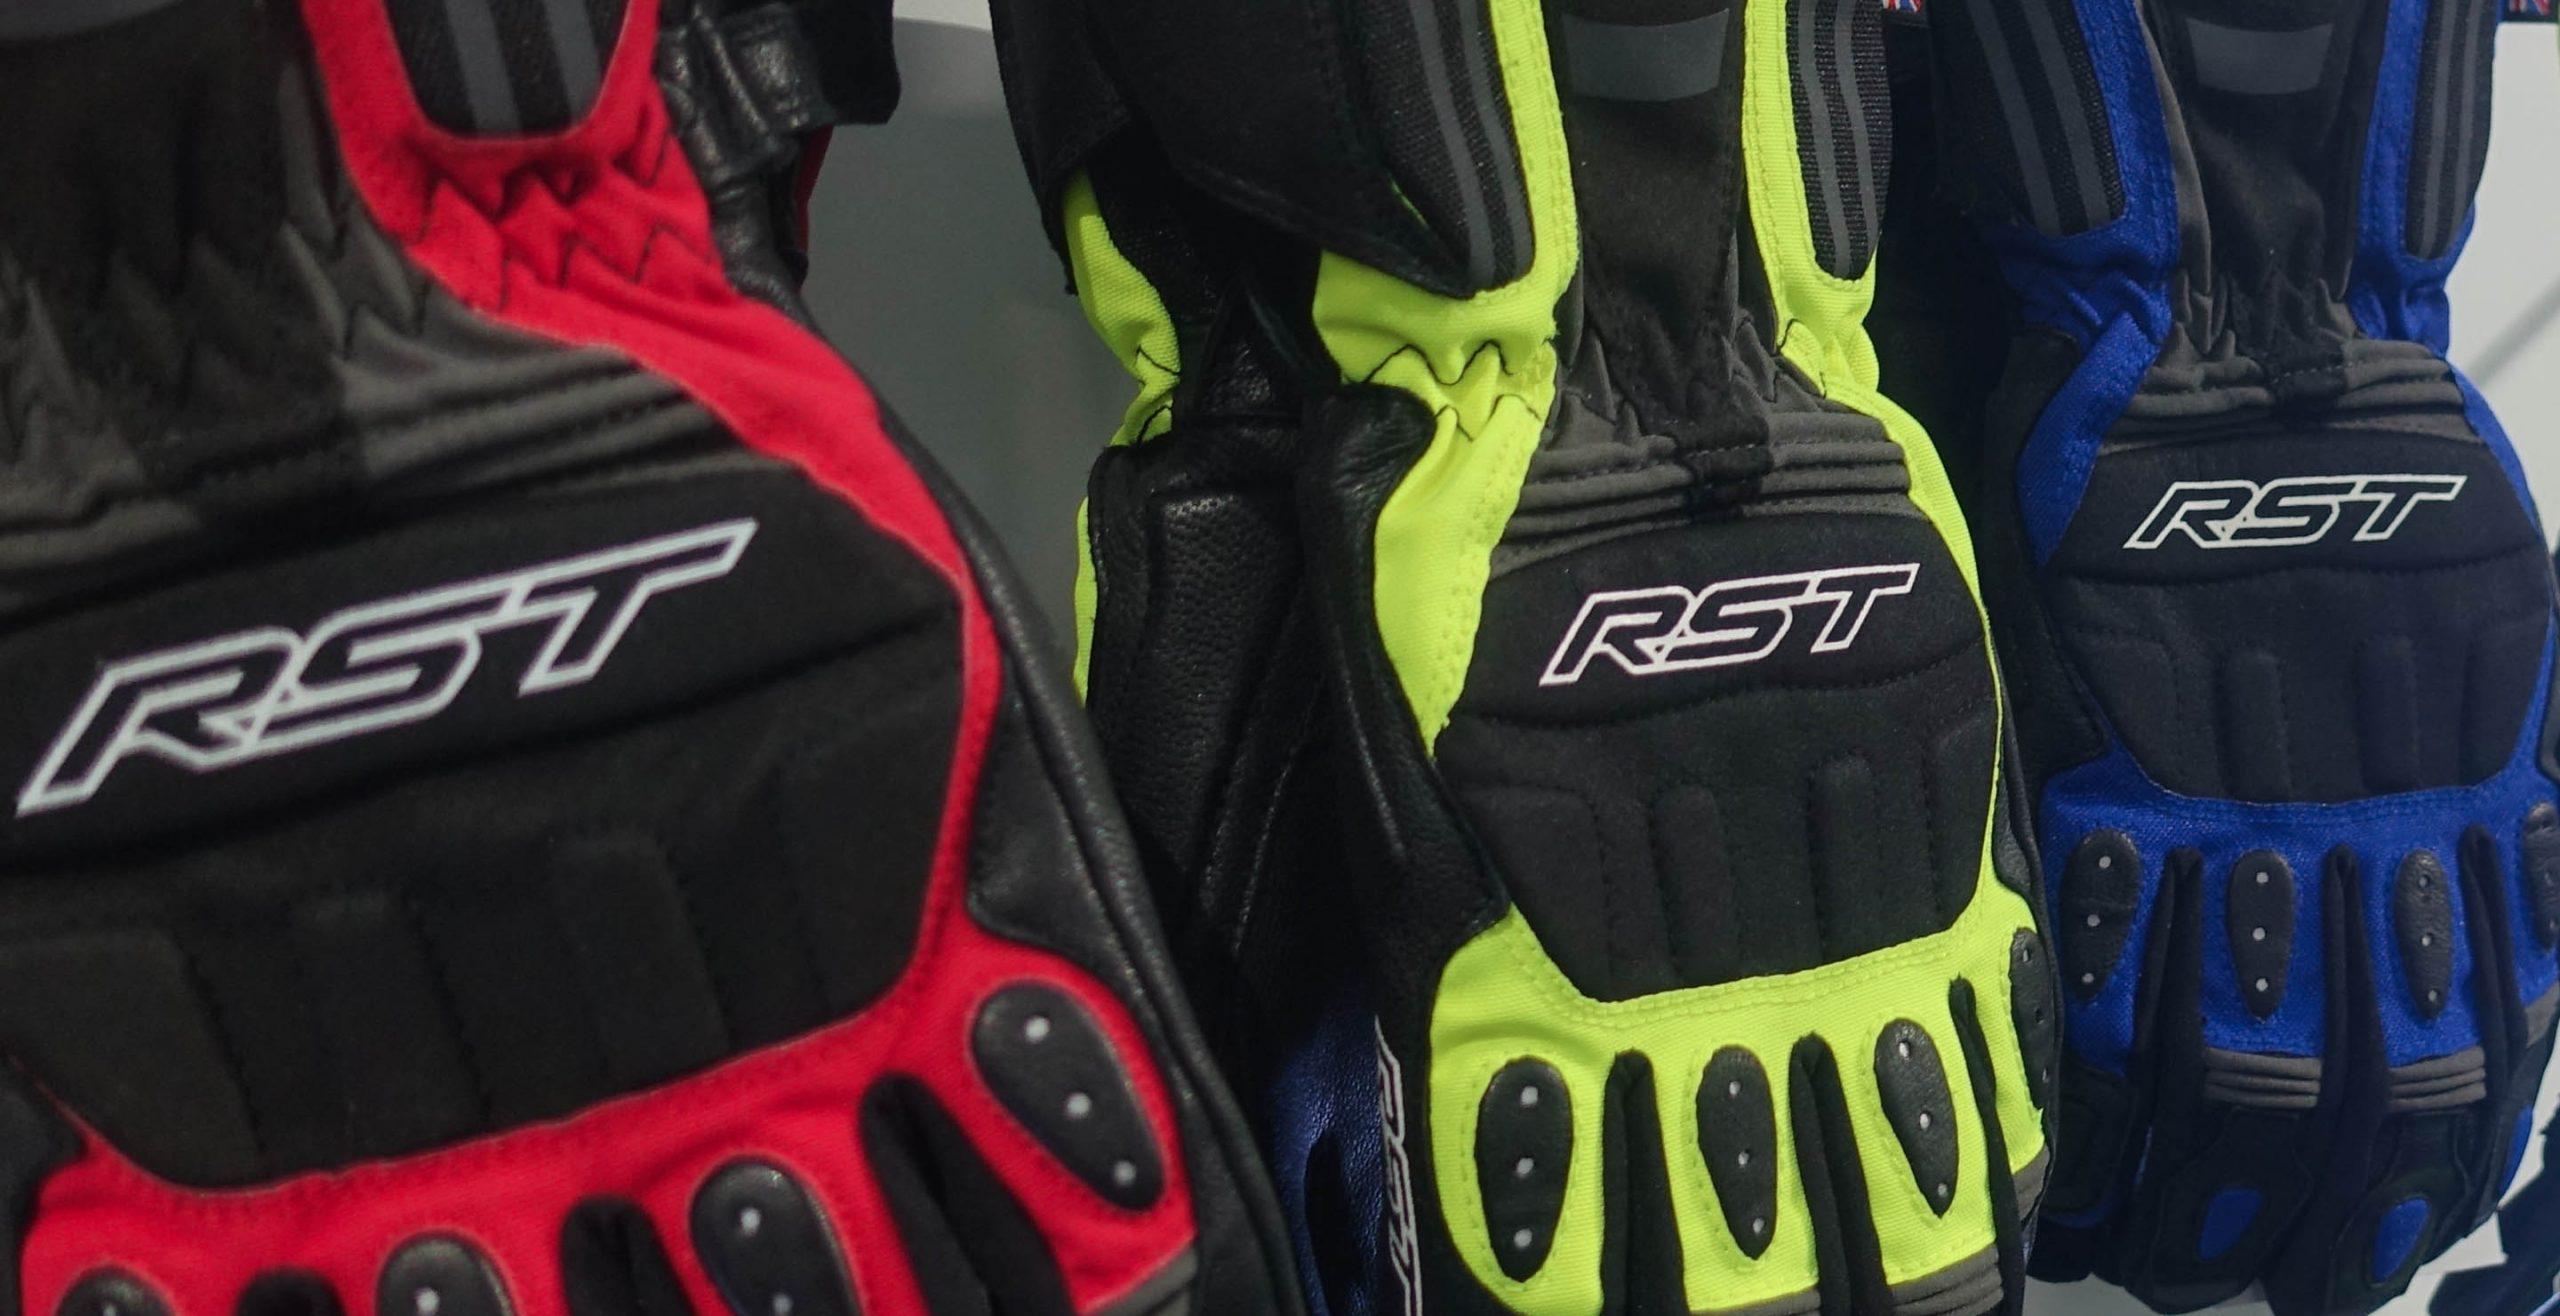 Colección de guantes racing de RST en el showroom de la marca británica, durante la visita de los periodistas españoles